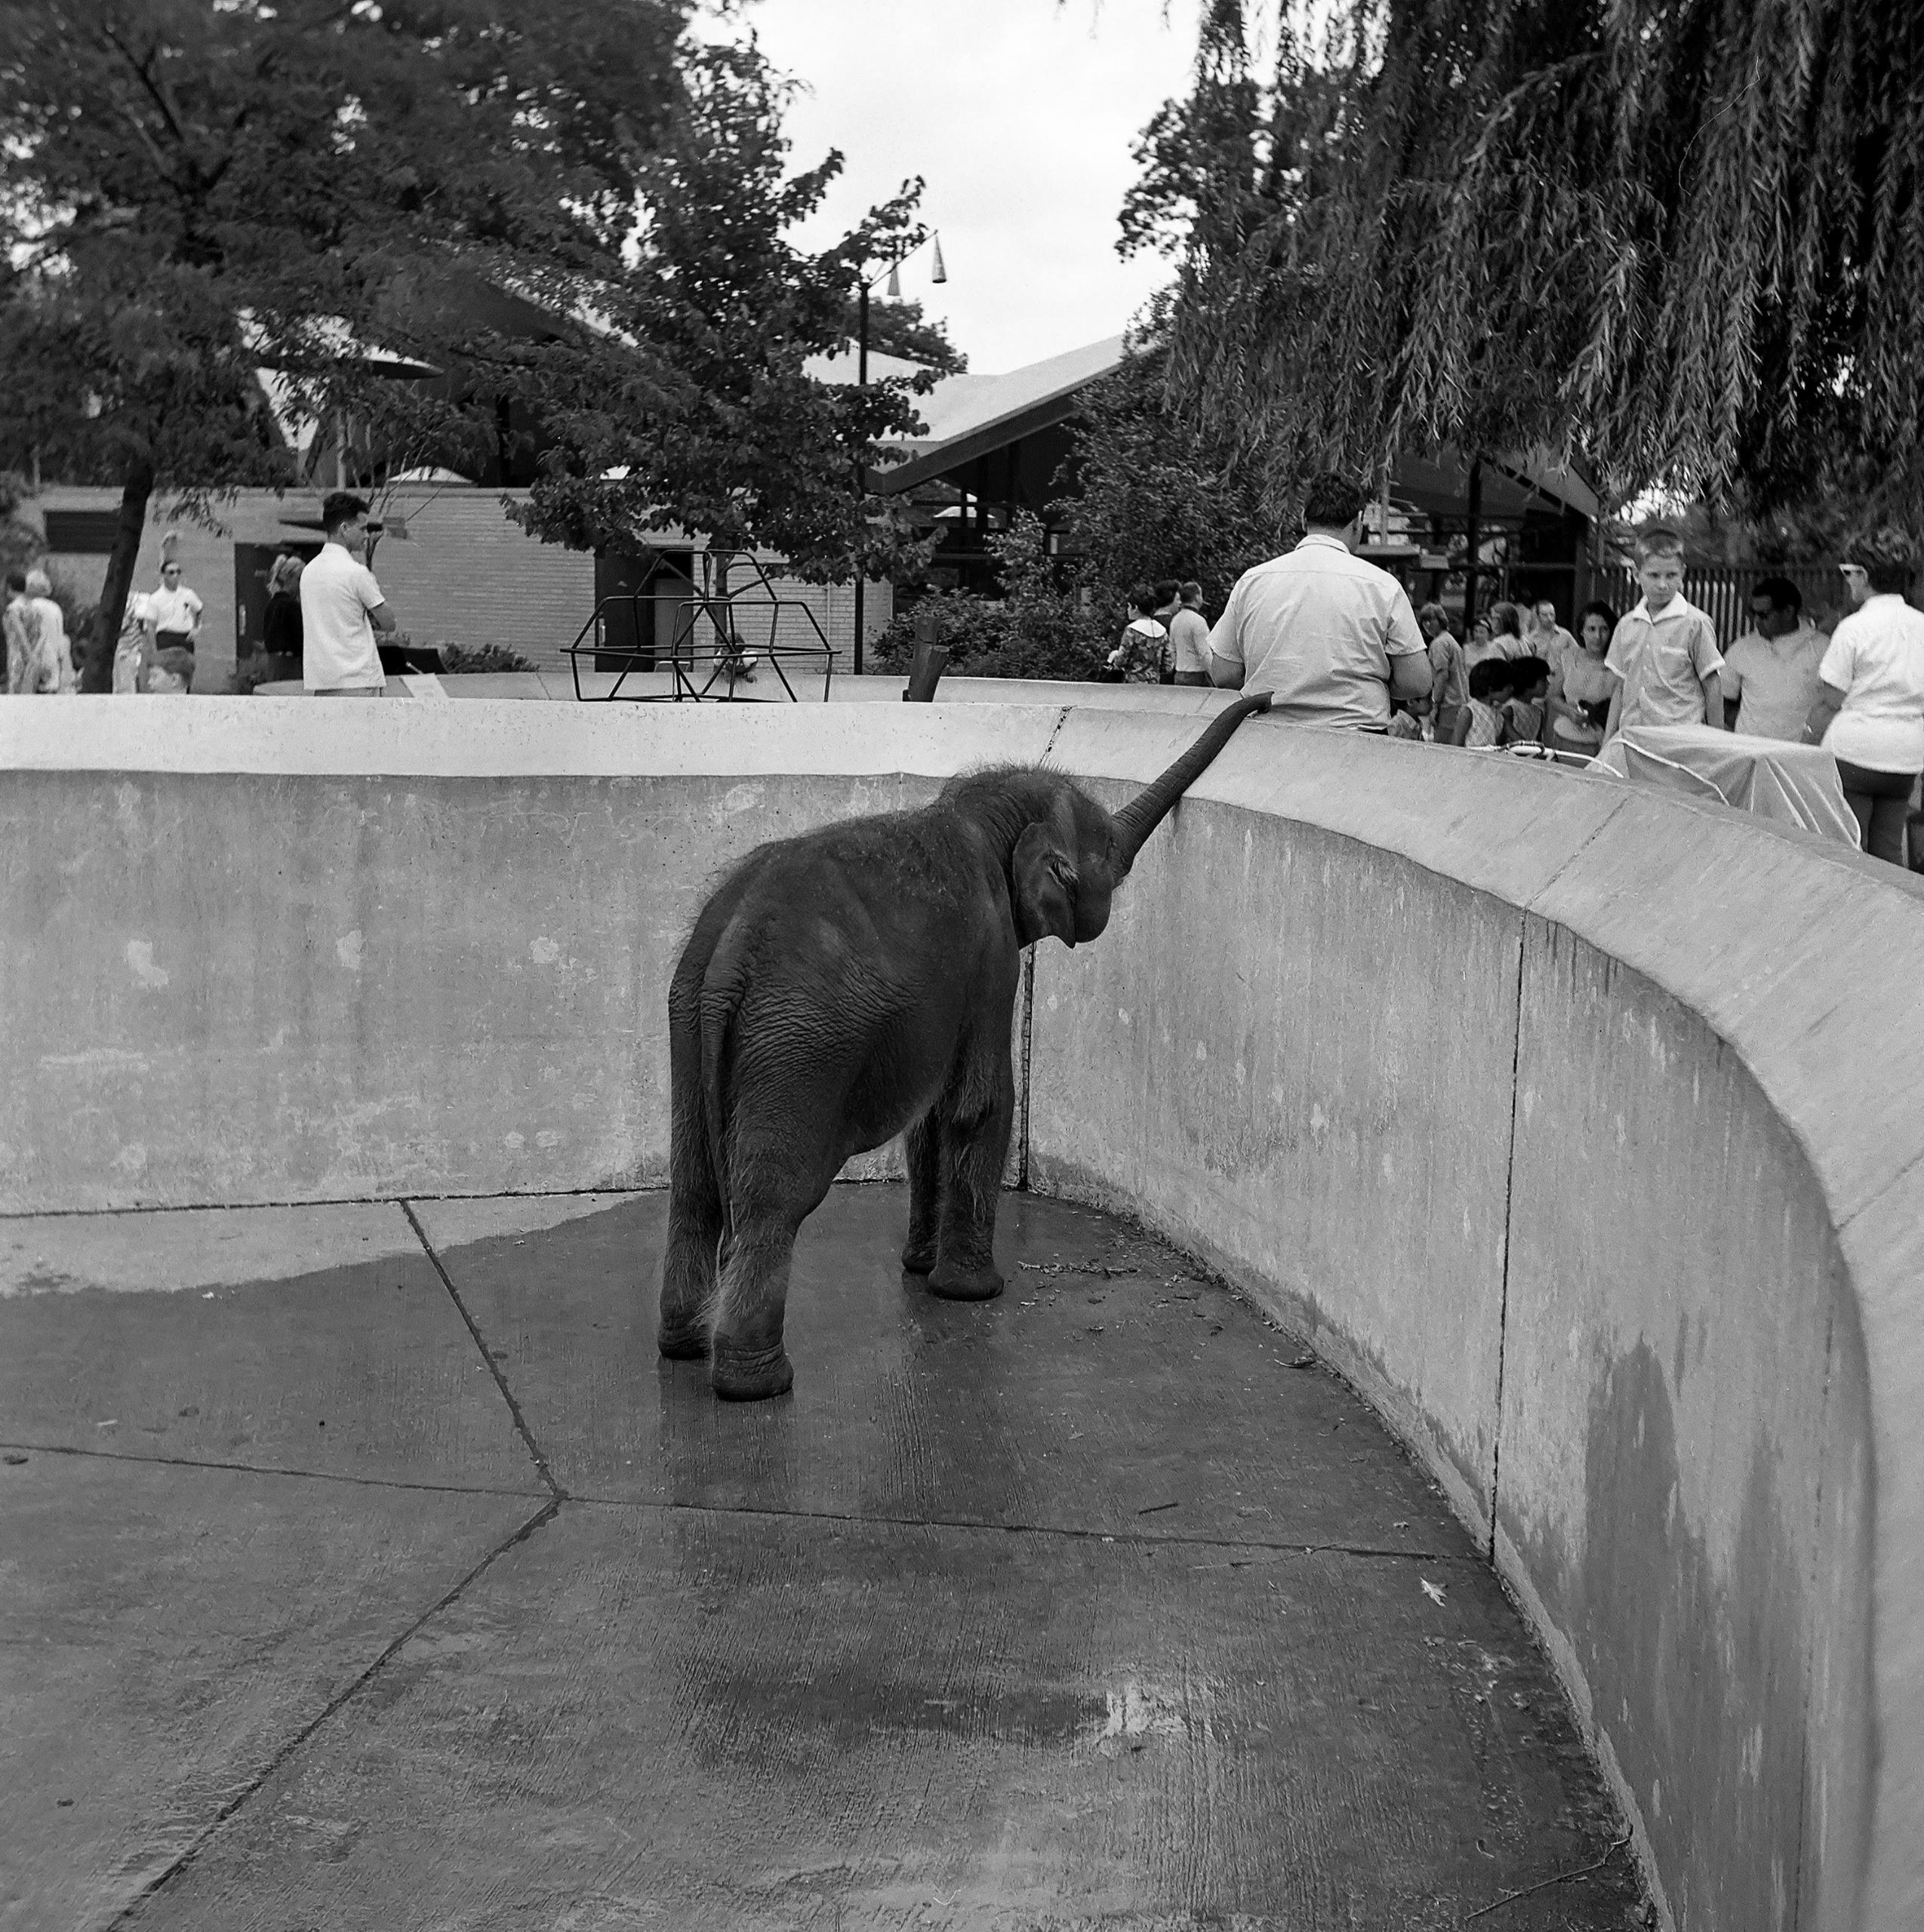 Lincoln Park Zoo • Late 60s - capnvideo | ello